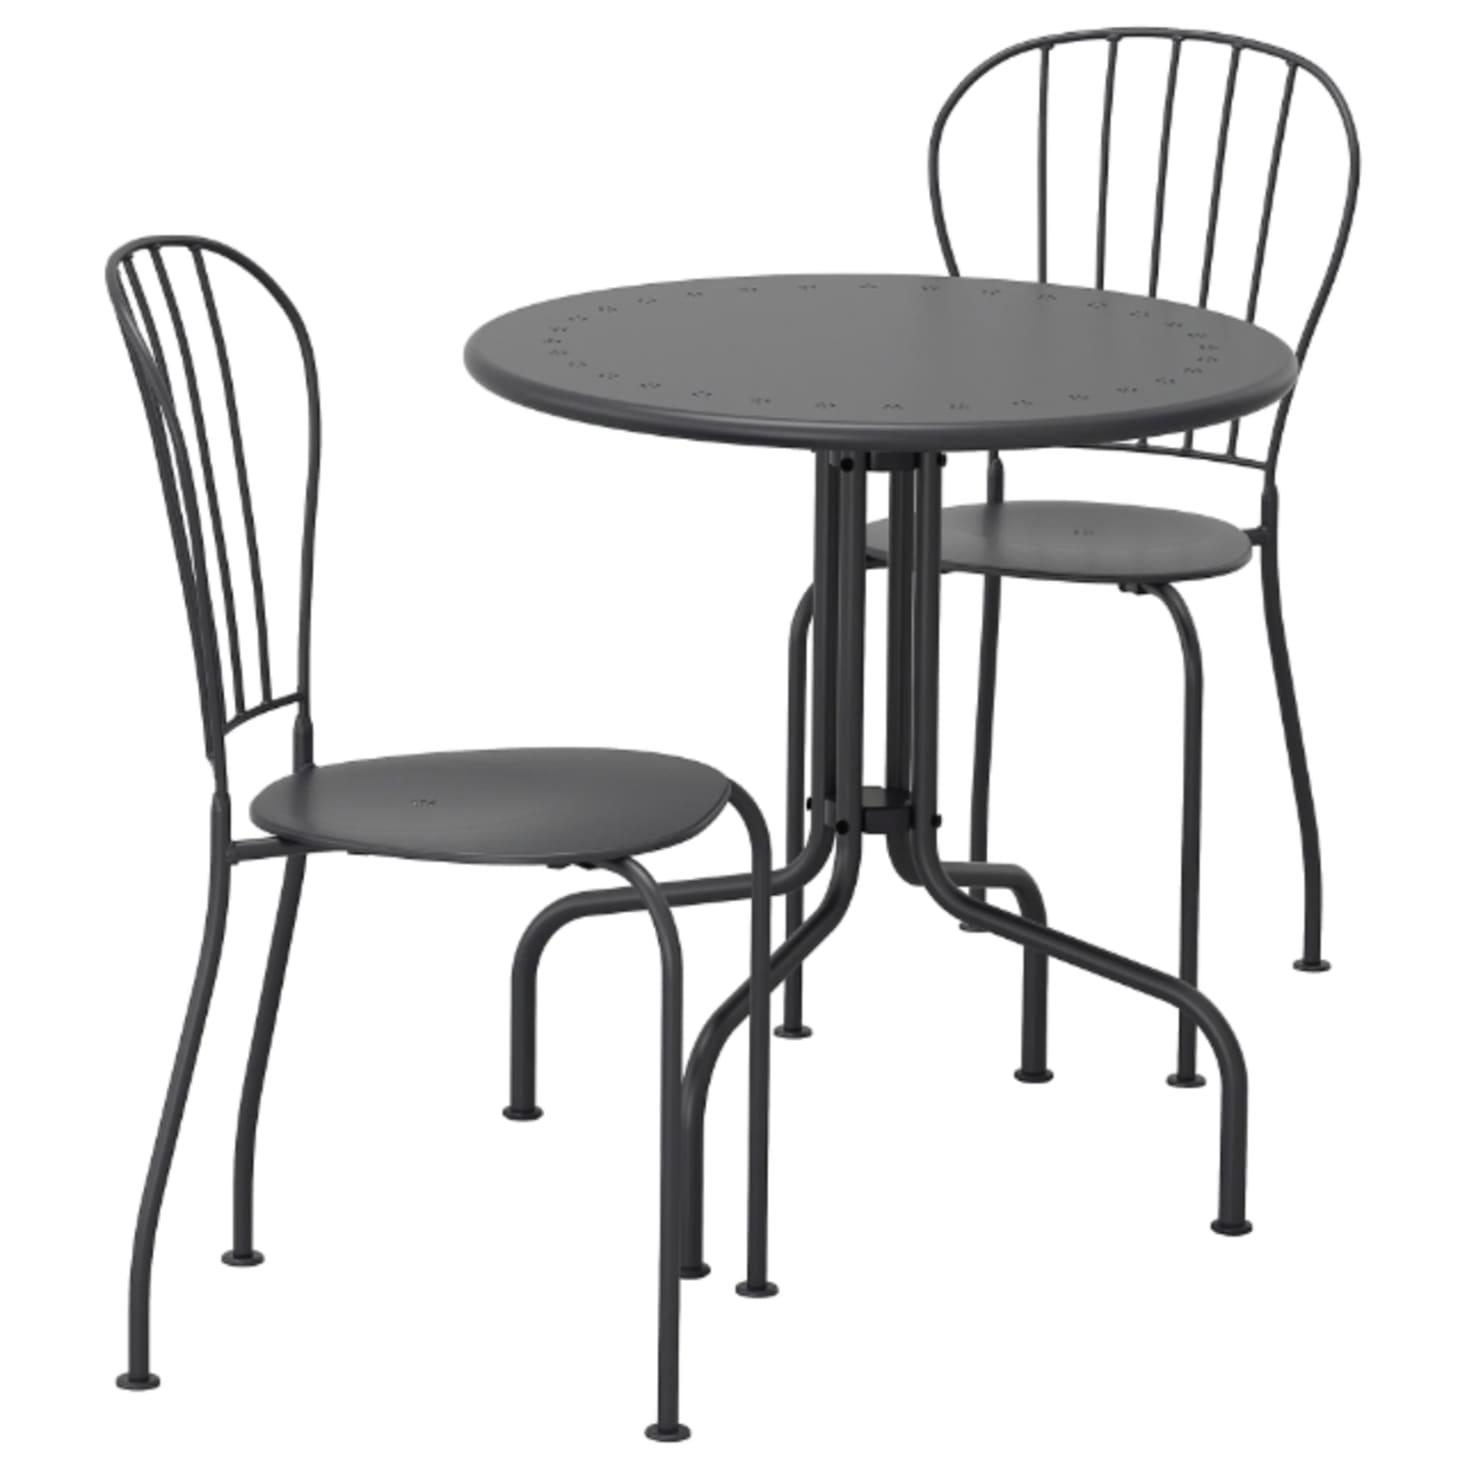 Best Ikea Outdoor Furniture And Accessories Ikea Outdoor Goods